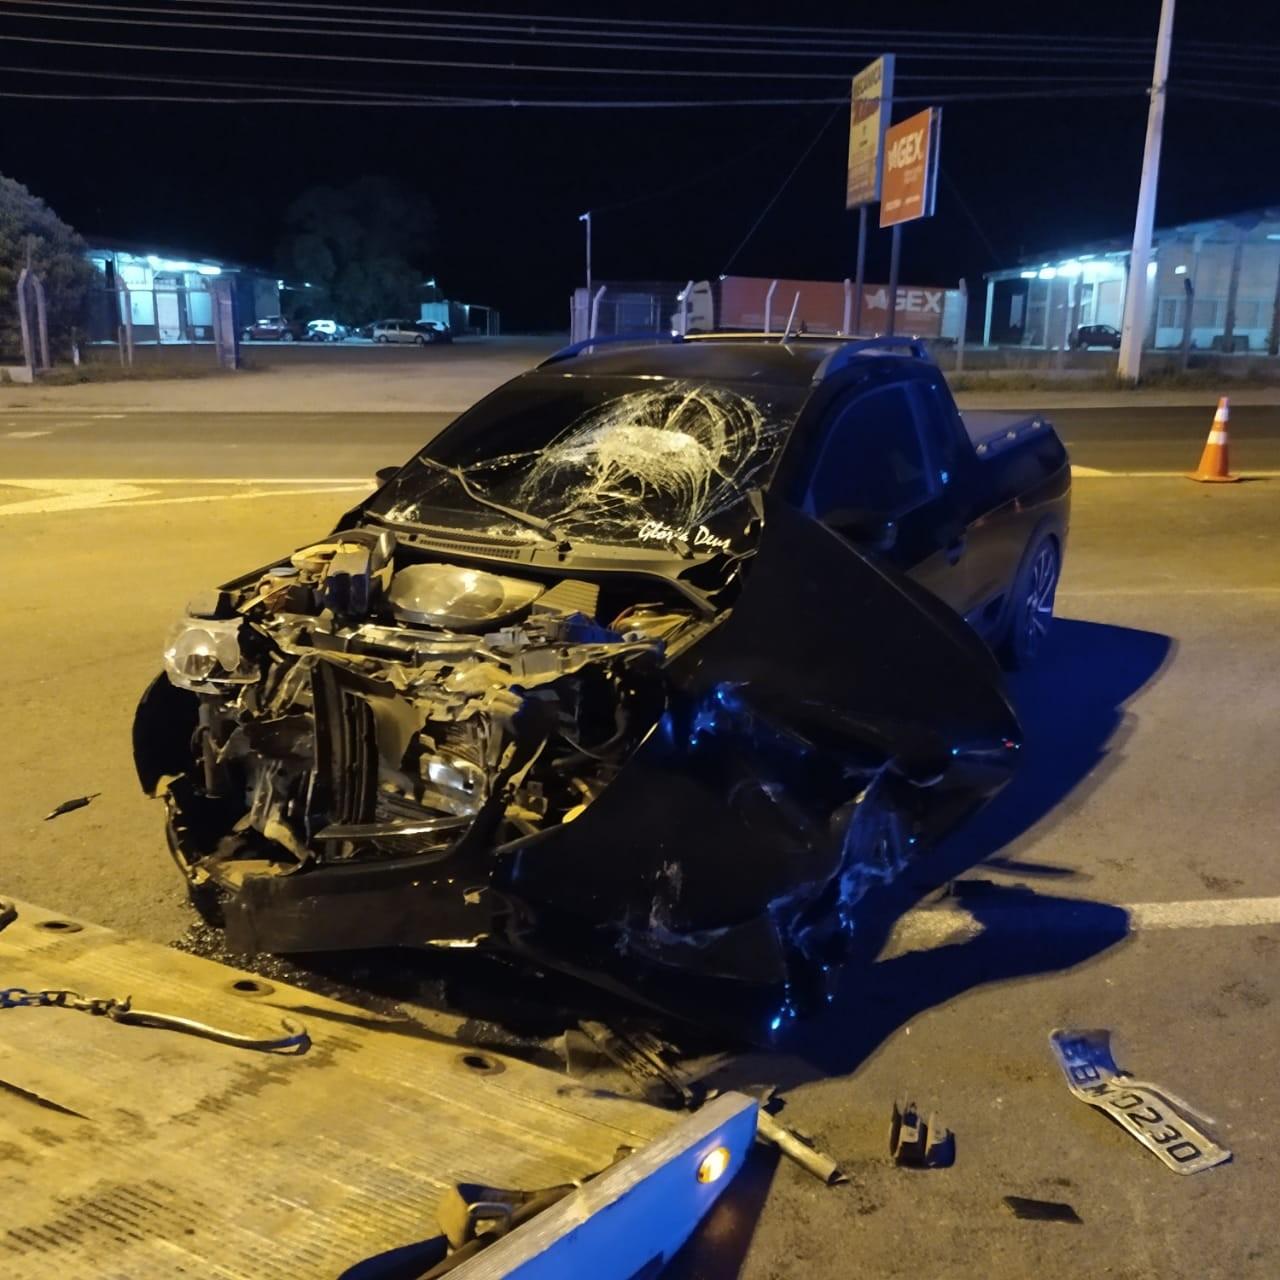 Motorista foge sem prestar socorro depois de acidente que deixou motociclista gravemente ferido em Ponta Grossa